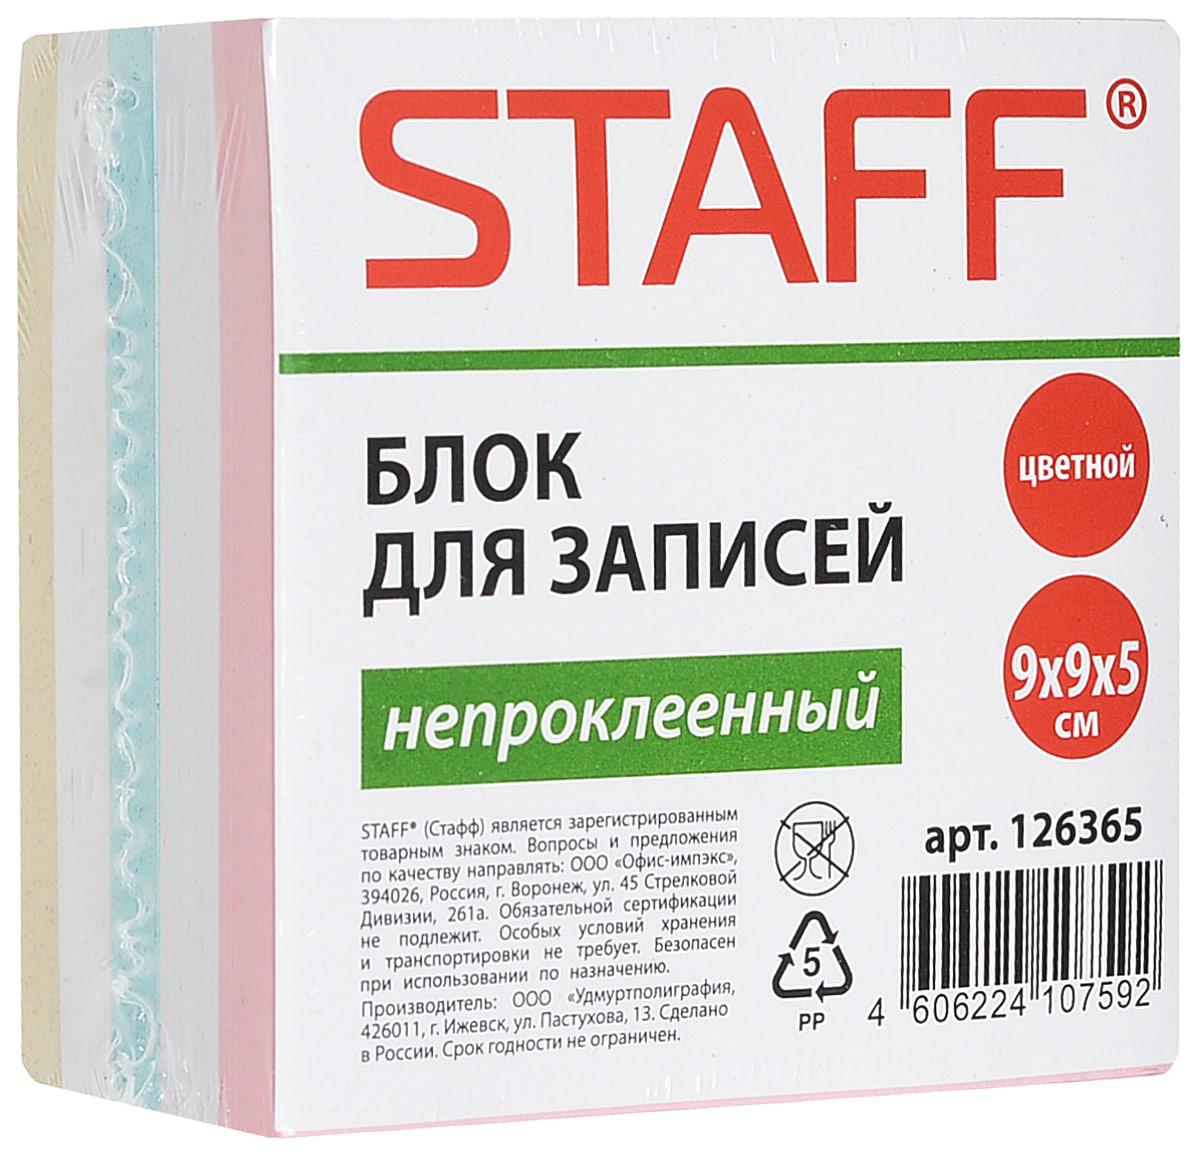 Staff Бумага для заметок 9 х 9 см 500 листов цвет мультиколор2010440Бумага для заметок Staff непременно привлечет к себе внимание.Бумага состоит из 500 разноцветных листочков, которые удобны для заметок, объявлений и других коротких сообщений. Сменные блоки бумаги предназначены для использования в пластиковых подставках и настольных органайзерах.